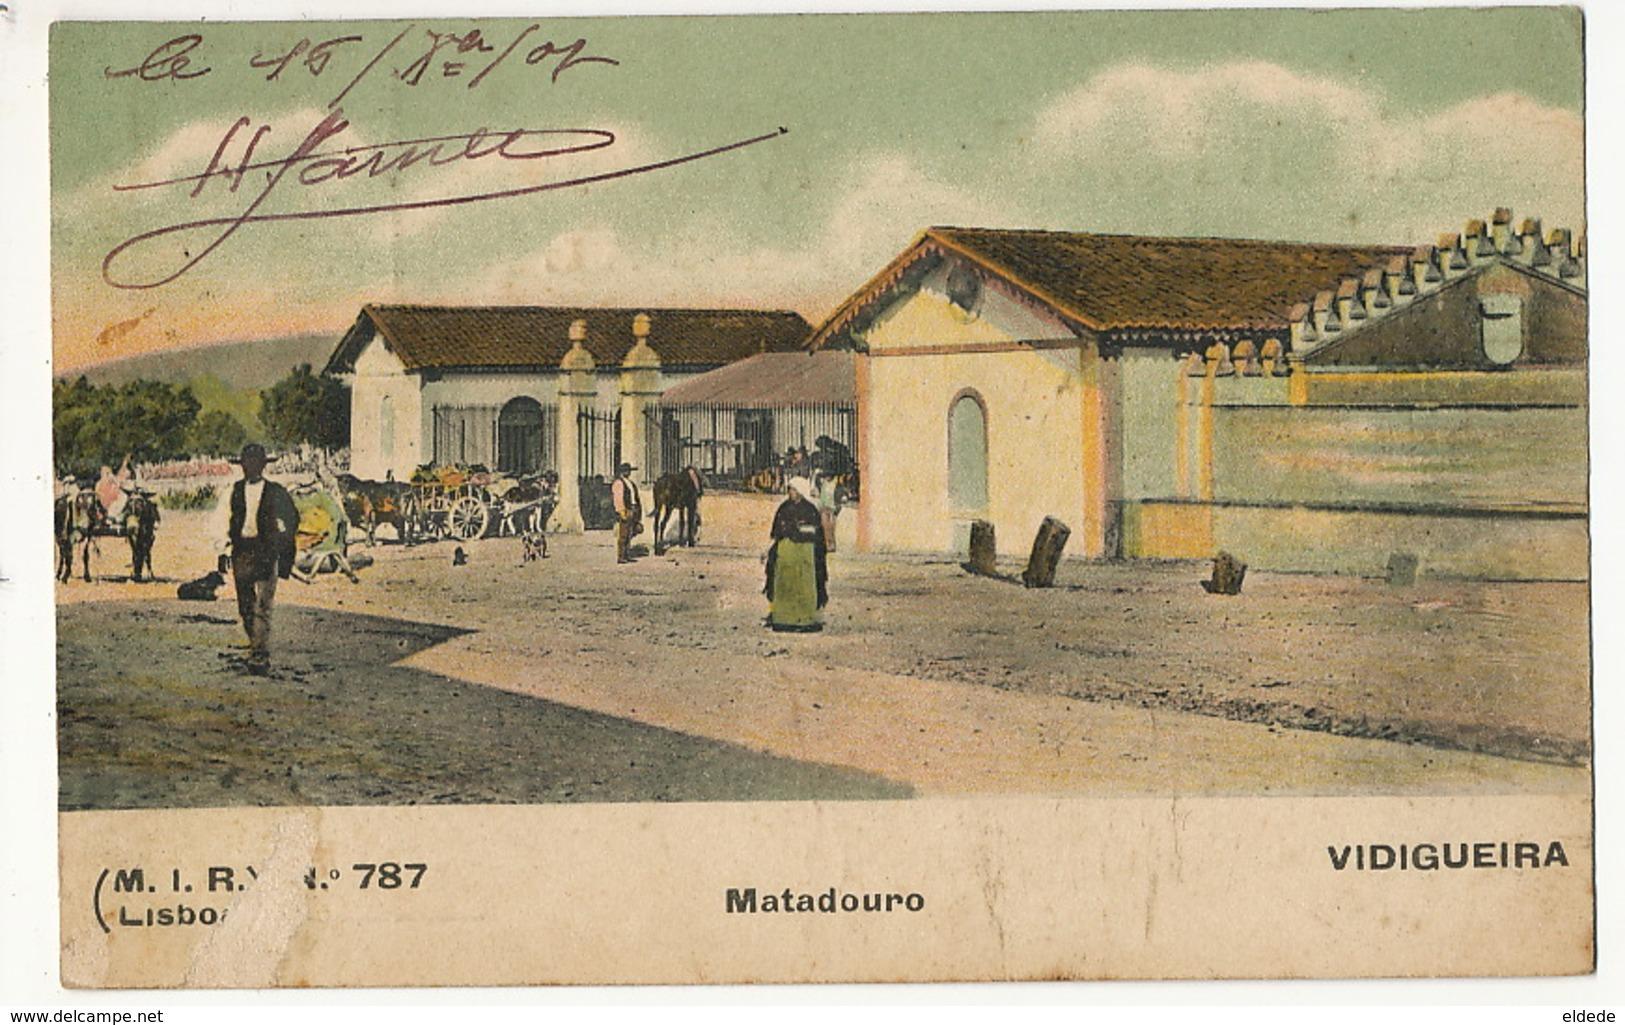 Vidigueira Matadouro  No 787 From H. James Cinematographe Portimao Defaut Coin Inf . Gauche - Autres